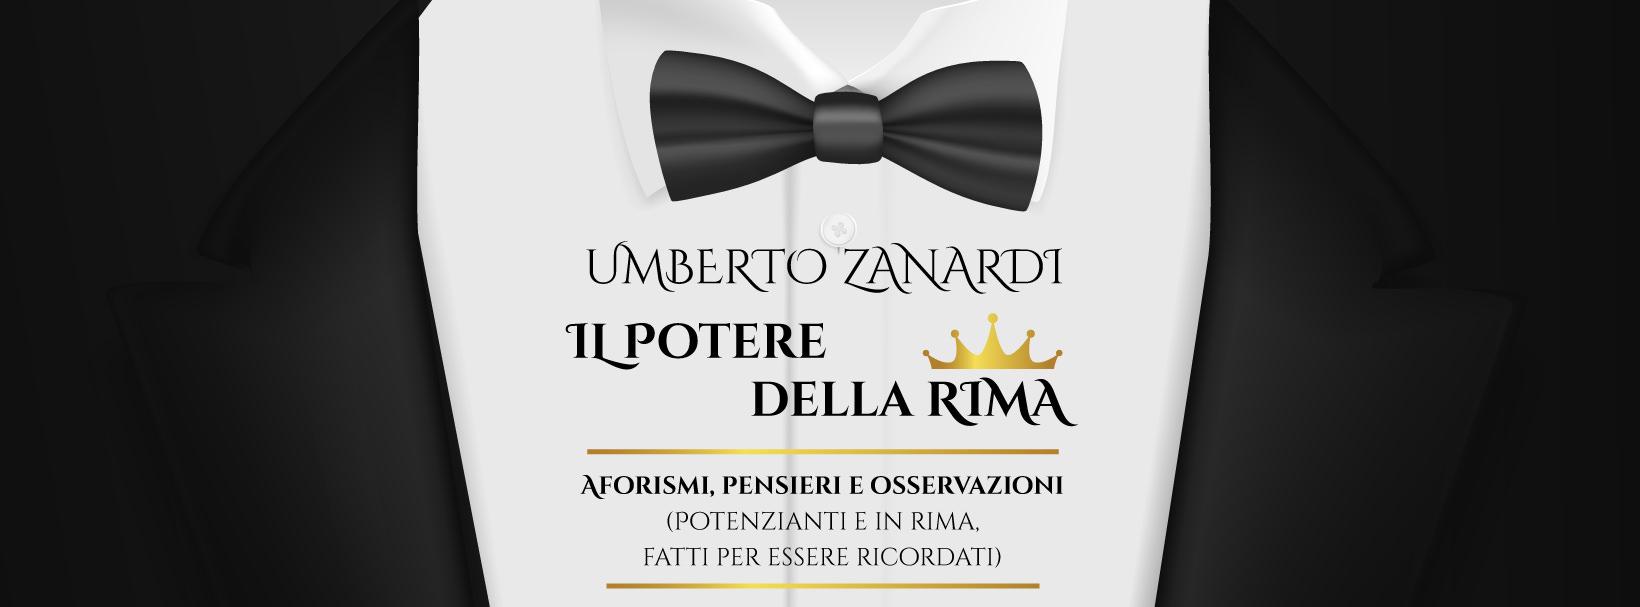 Il Potere della Rima: esce oggi su Amazon il nuovo libro di Umberto Zanardi